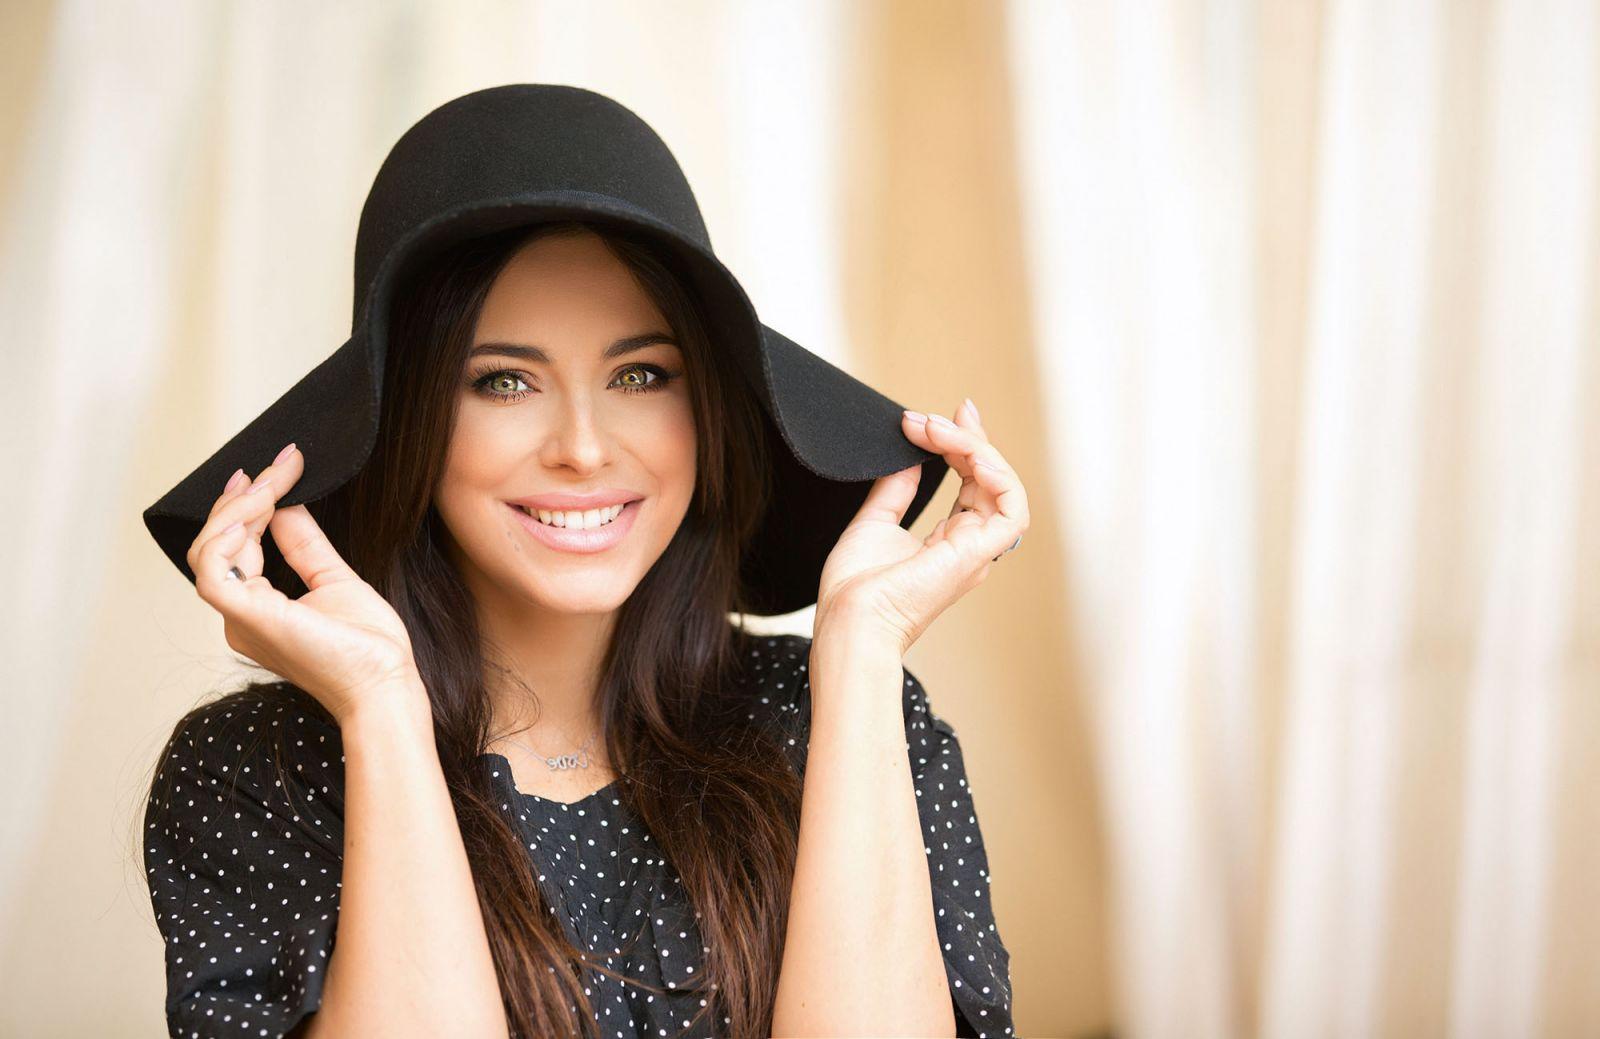 Ани Лорак секреты красоты интервью